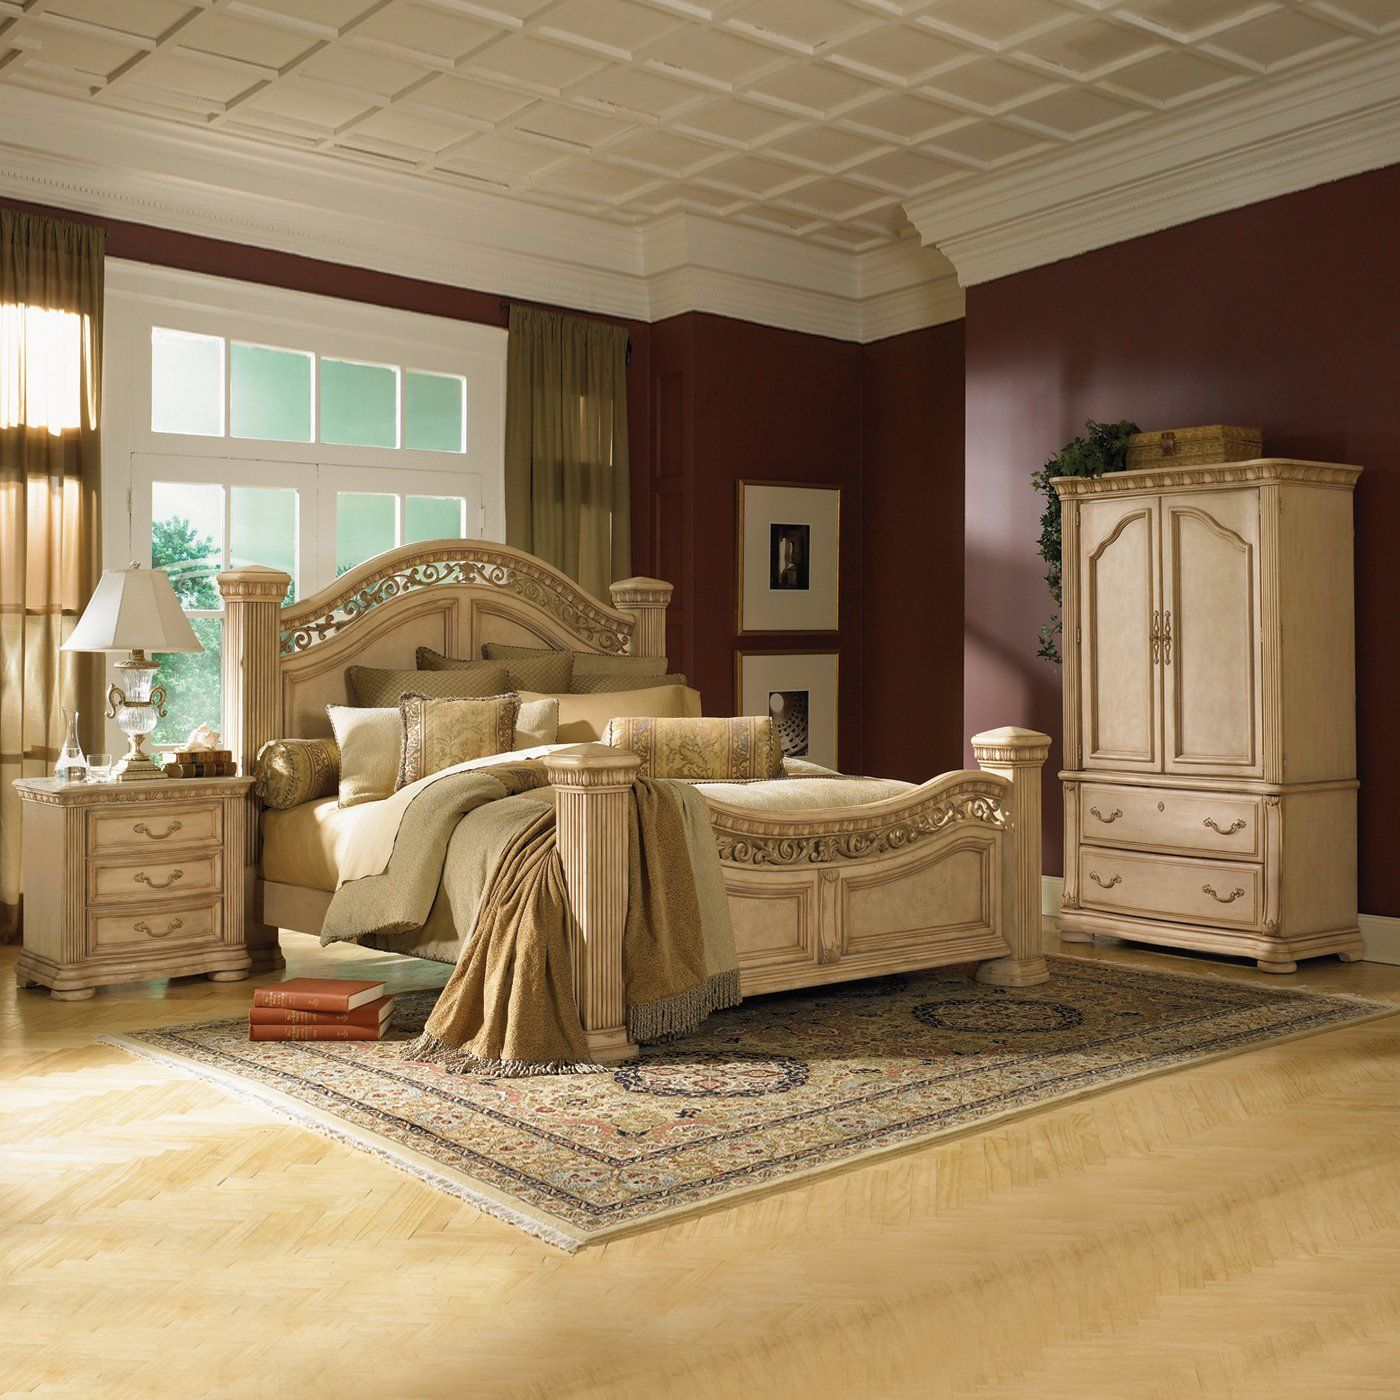 Meridian Regal Bedroom Set in Cherry (Queen, King)